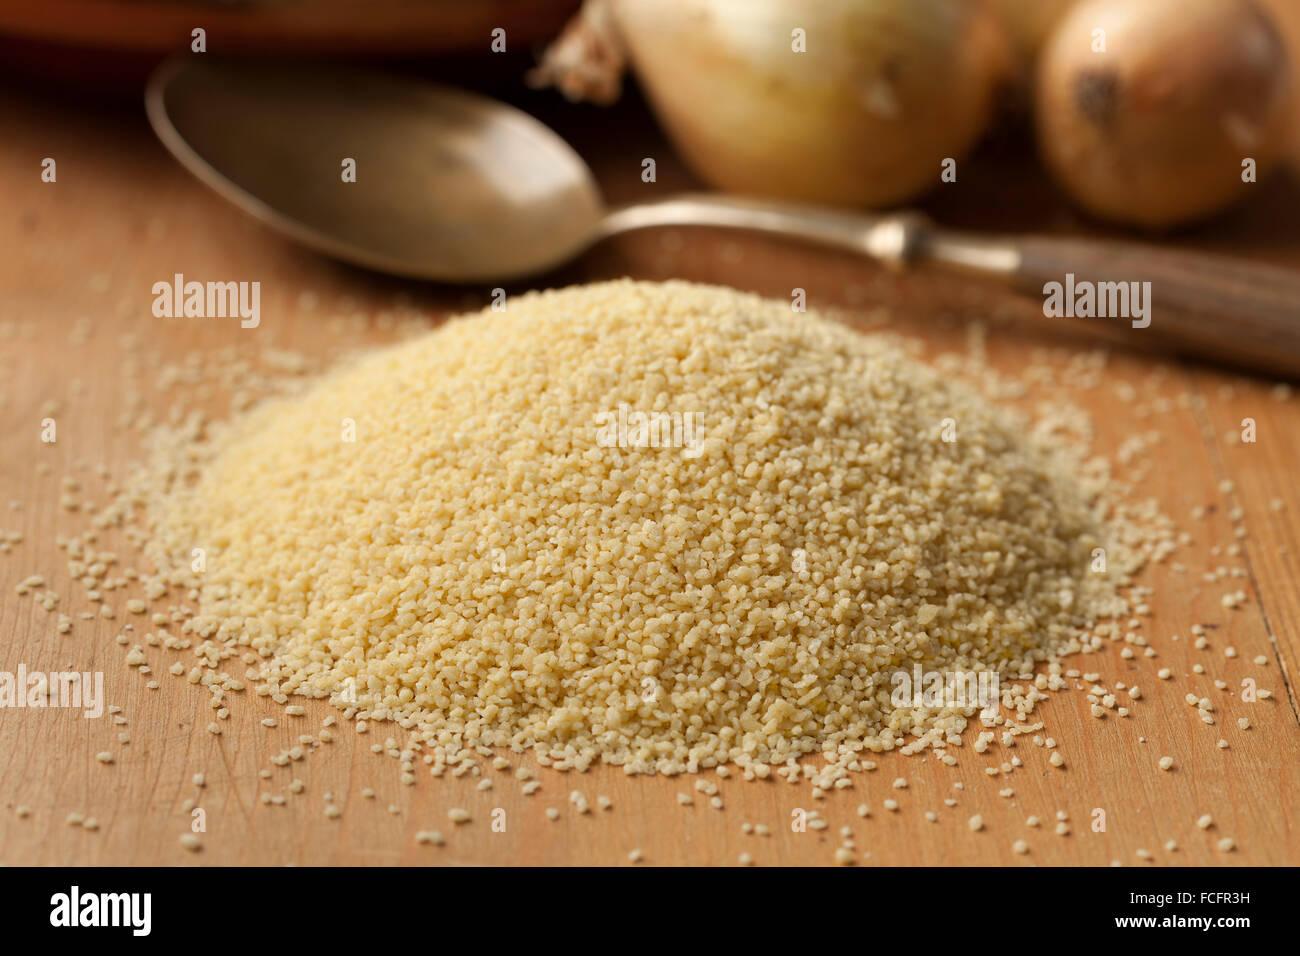 Les grains de couscous, matières premières alimentaires populaires dans les pays de l'Afrique du Nord Photo Stock